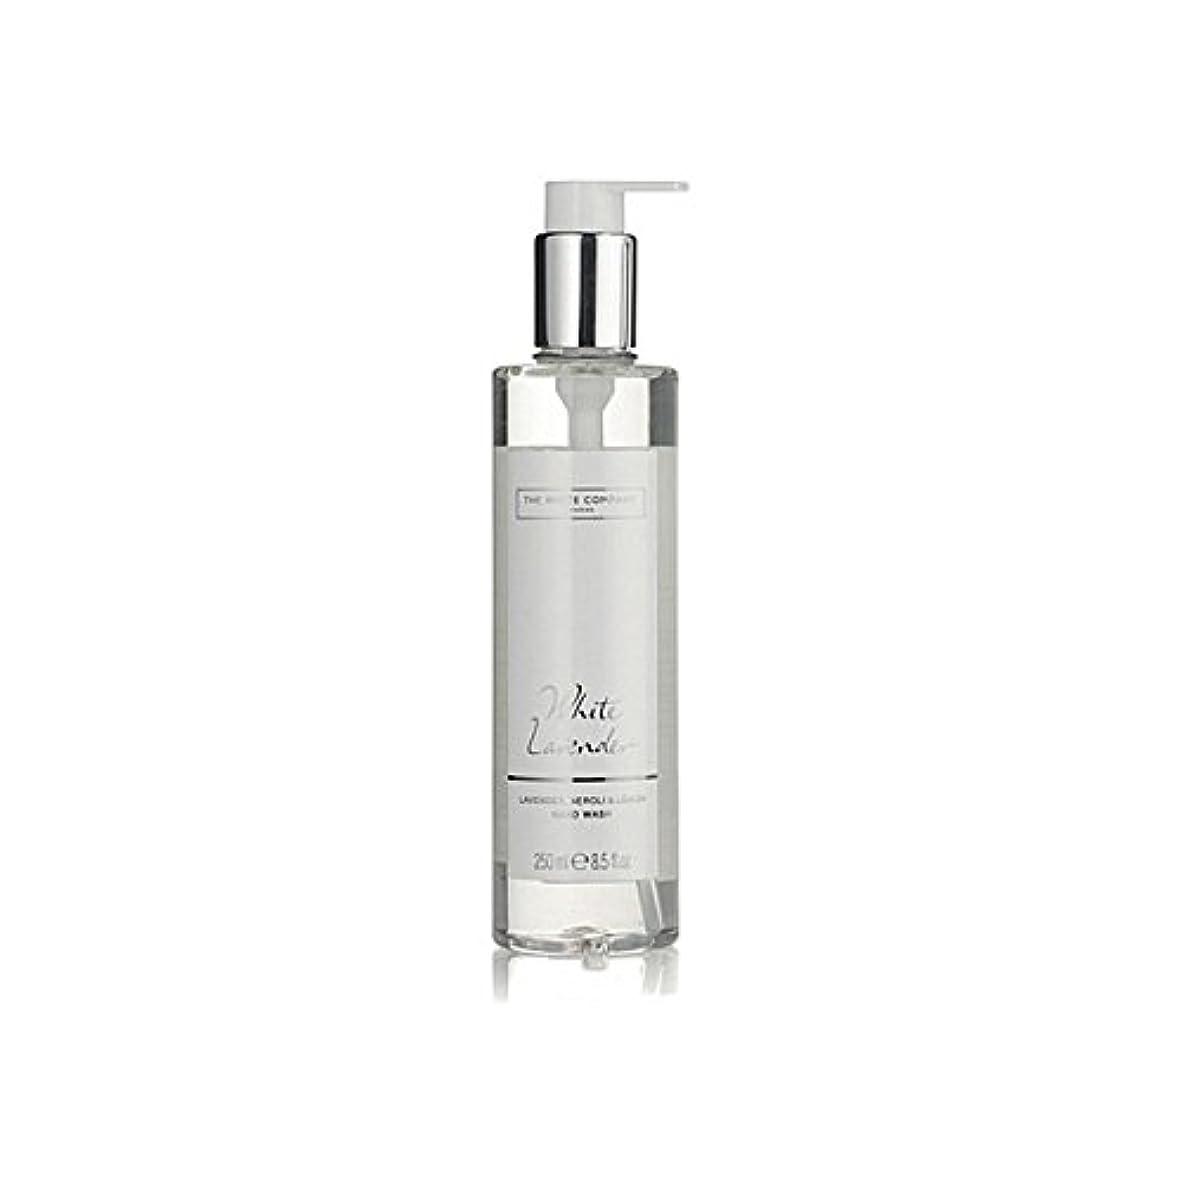 白同社白ラベンダーハンドウォッシュ x2 - The White Company White Lavender Hand Wash (Pack of 2) [並行輸入品]